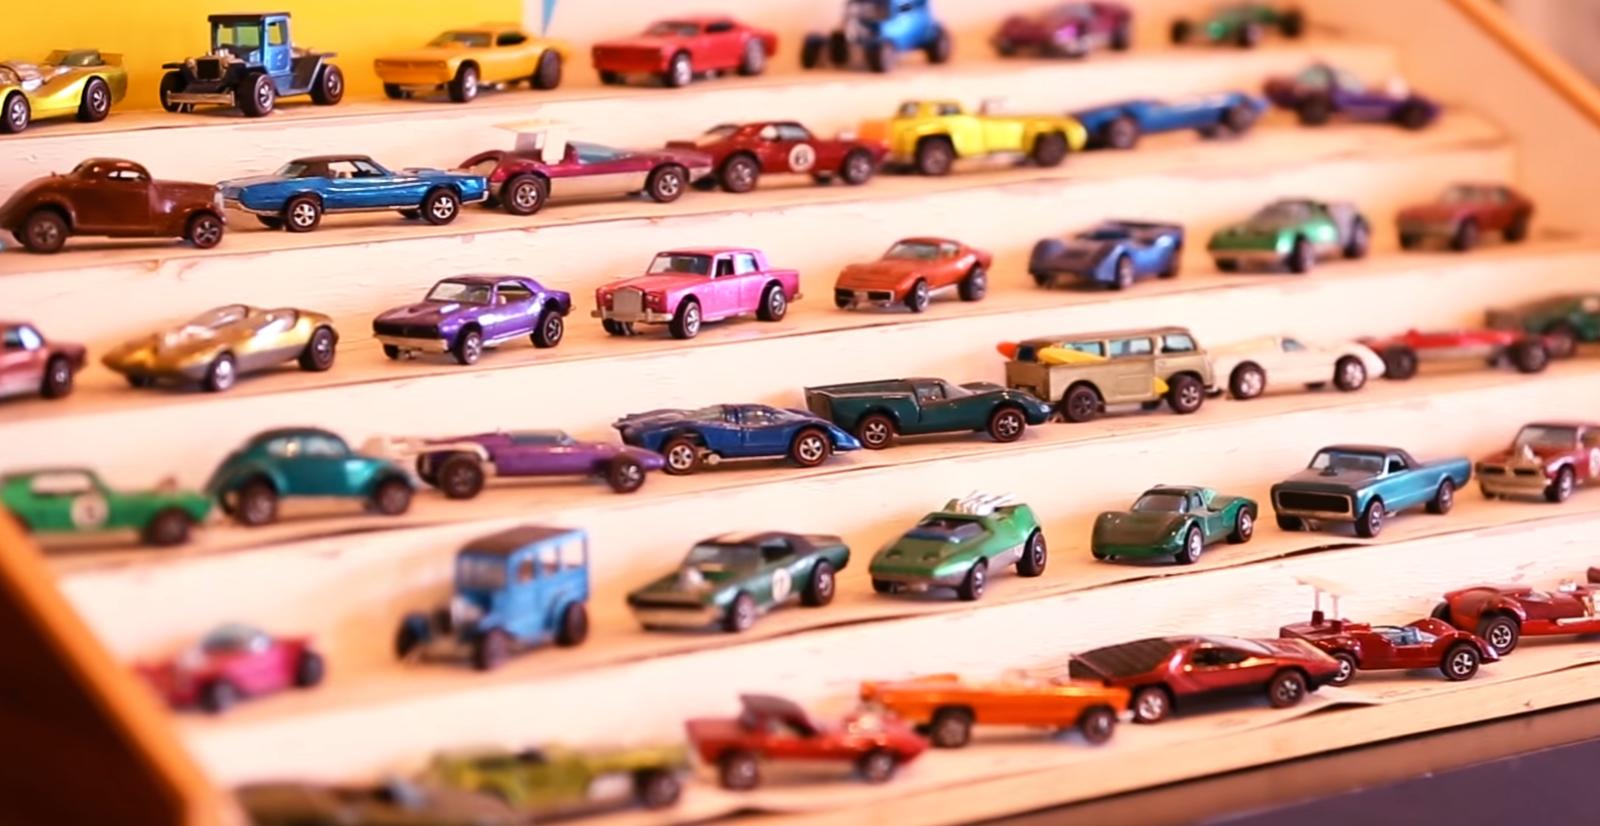 Je verzamelkamer inrichten – Zo komt jouw collectie het best uit de verf!